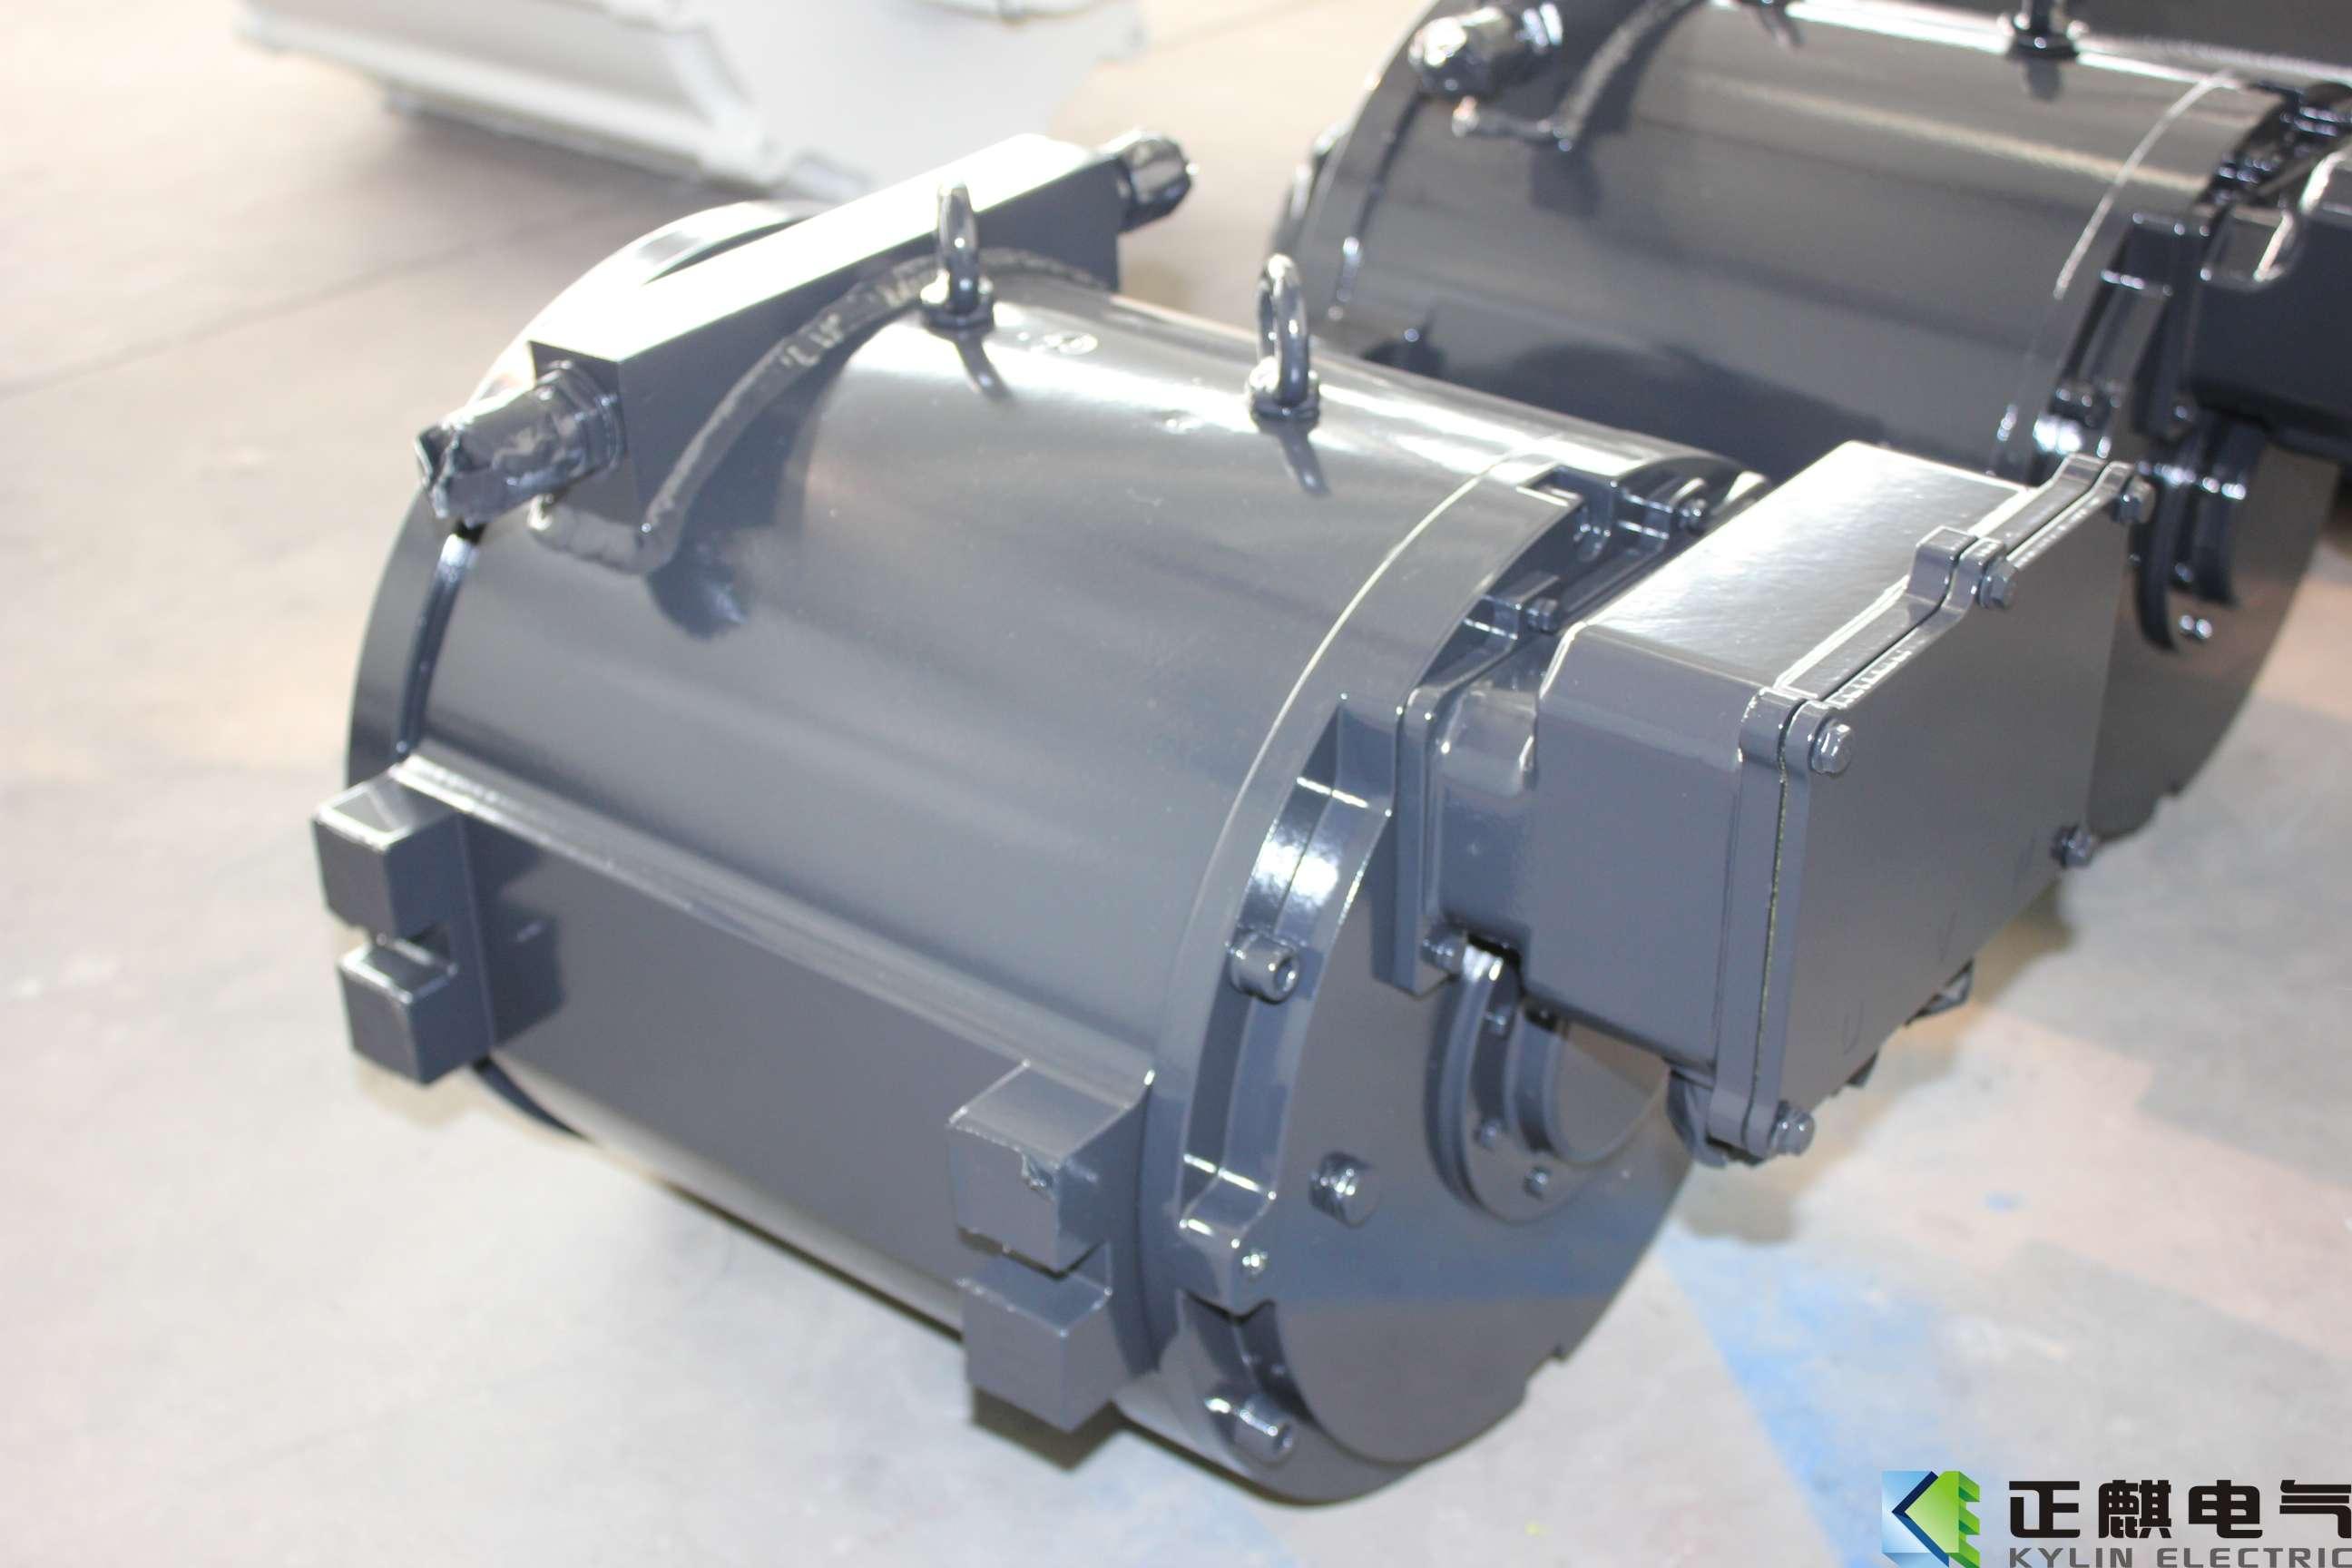 该电机用于6m纯电动中巴用驱动电机,该电机采用矢量控制,调速范围宽,功率密度大,低速大扭矩,高速低噪音,采用曲路密宫密封结构,防护等级高,设有定期加油装置,电机结构可靠性高,可维护性好,全寿命周期成本低